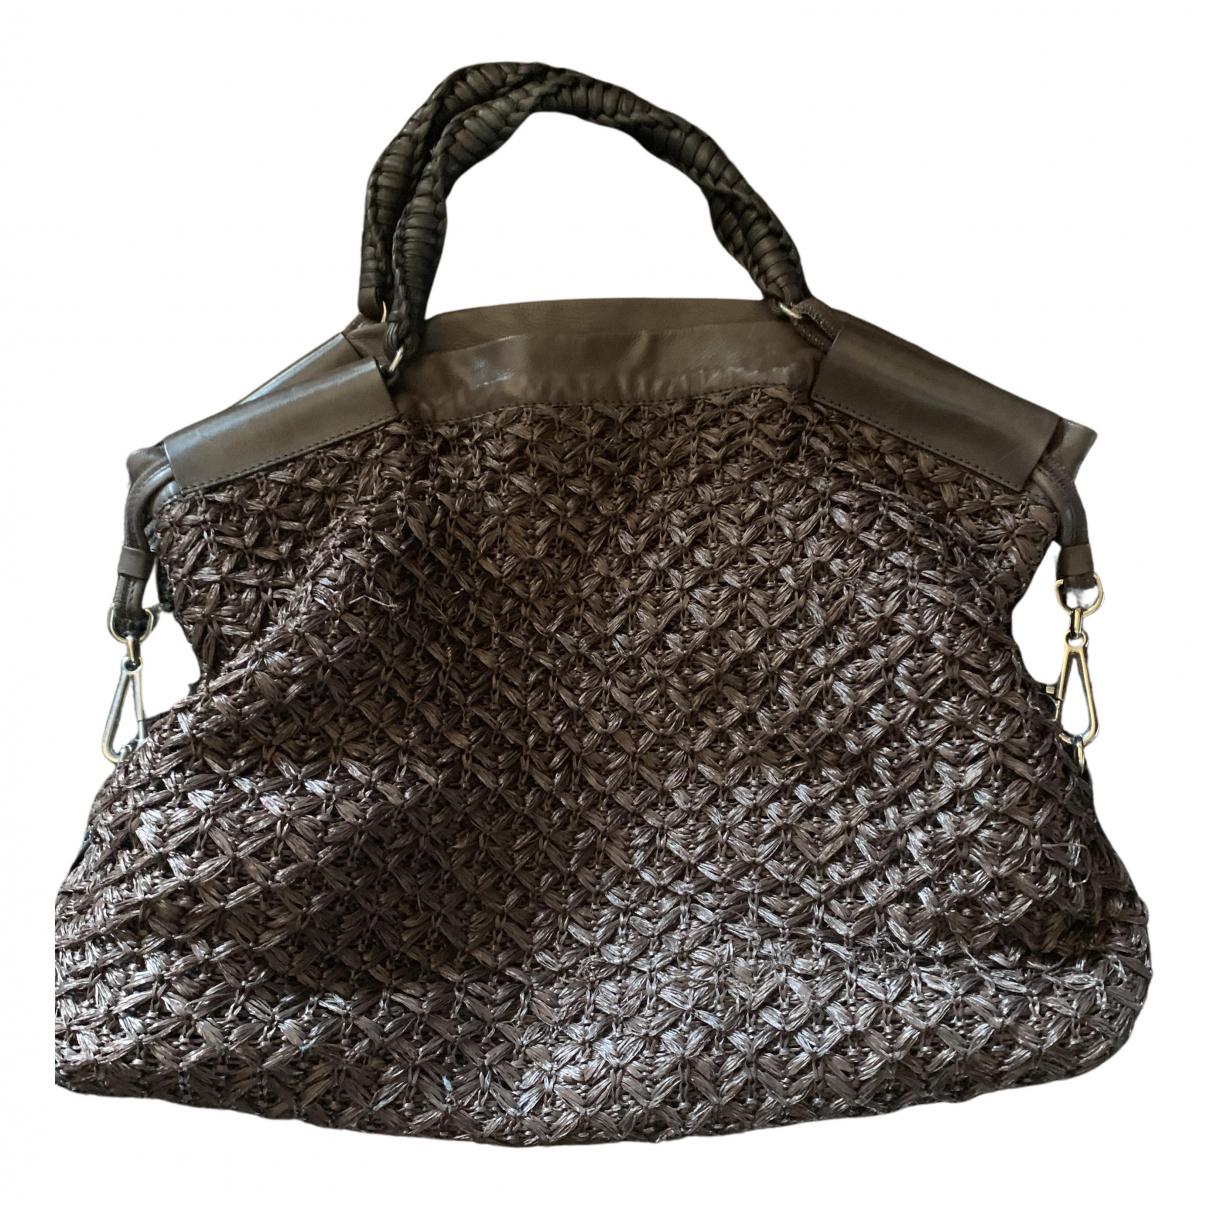 Ermanno Scervino N Brown Leather handbag for Women N